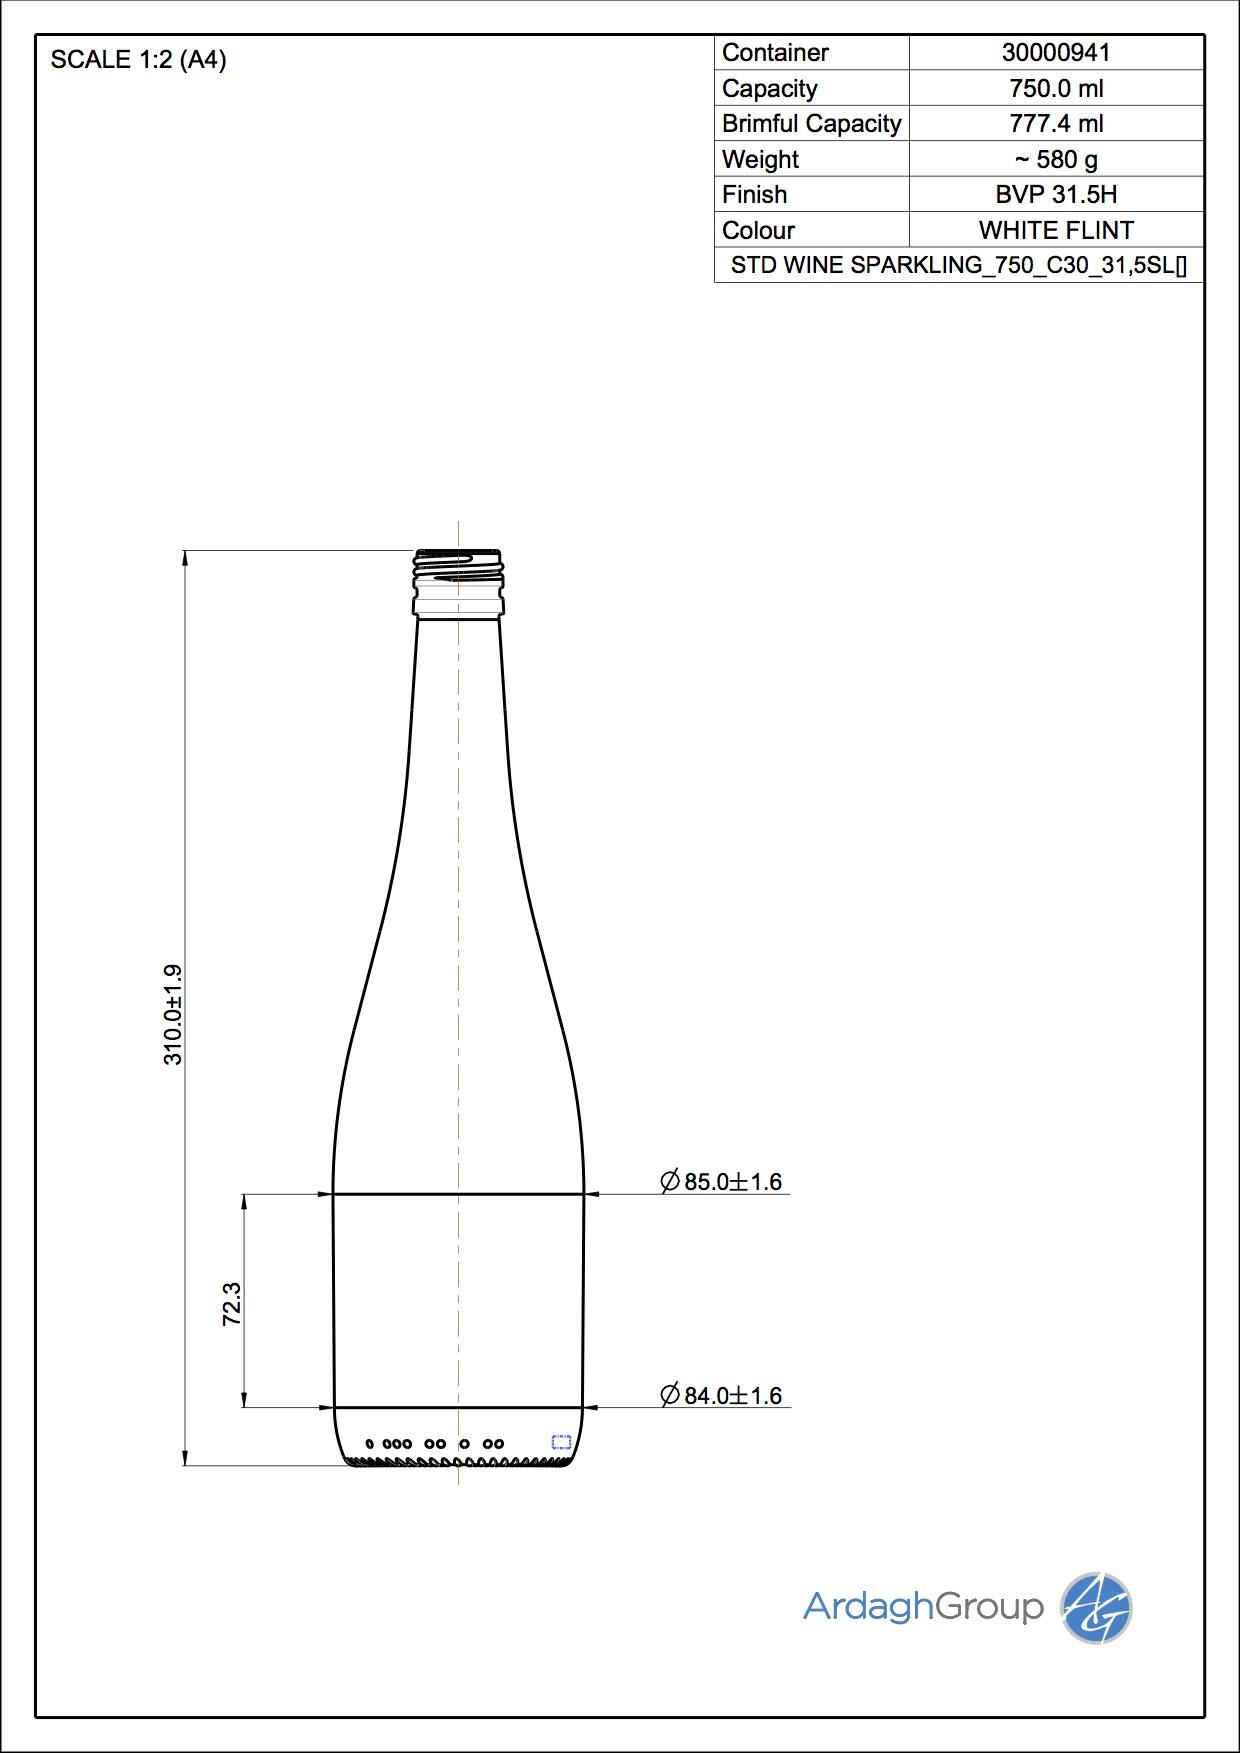 STD WINE SPARKLING 750 C30 32SL